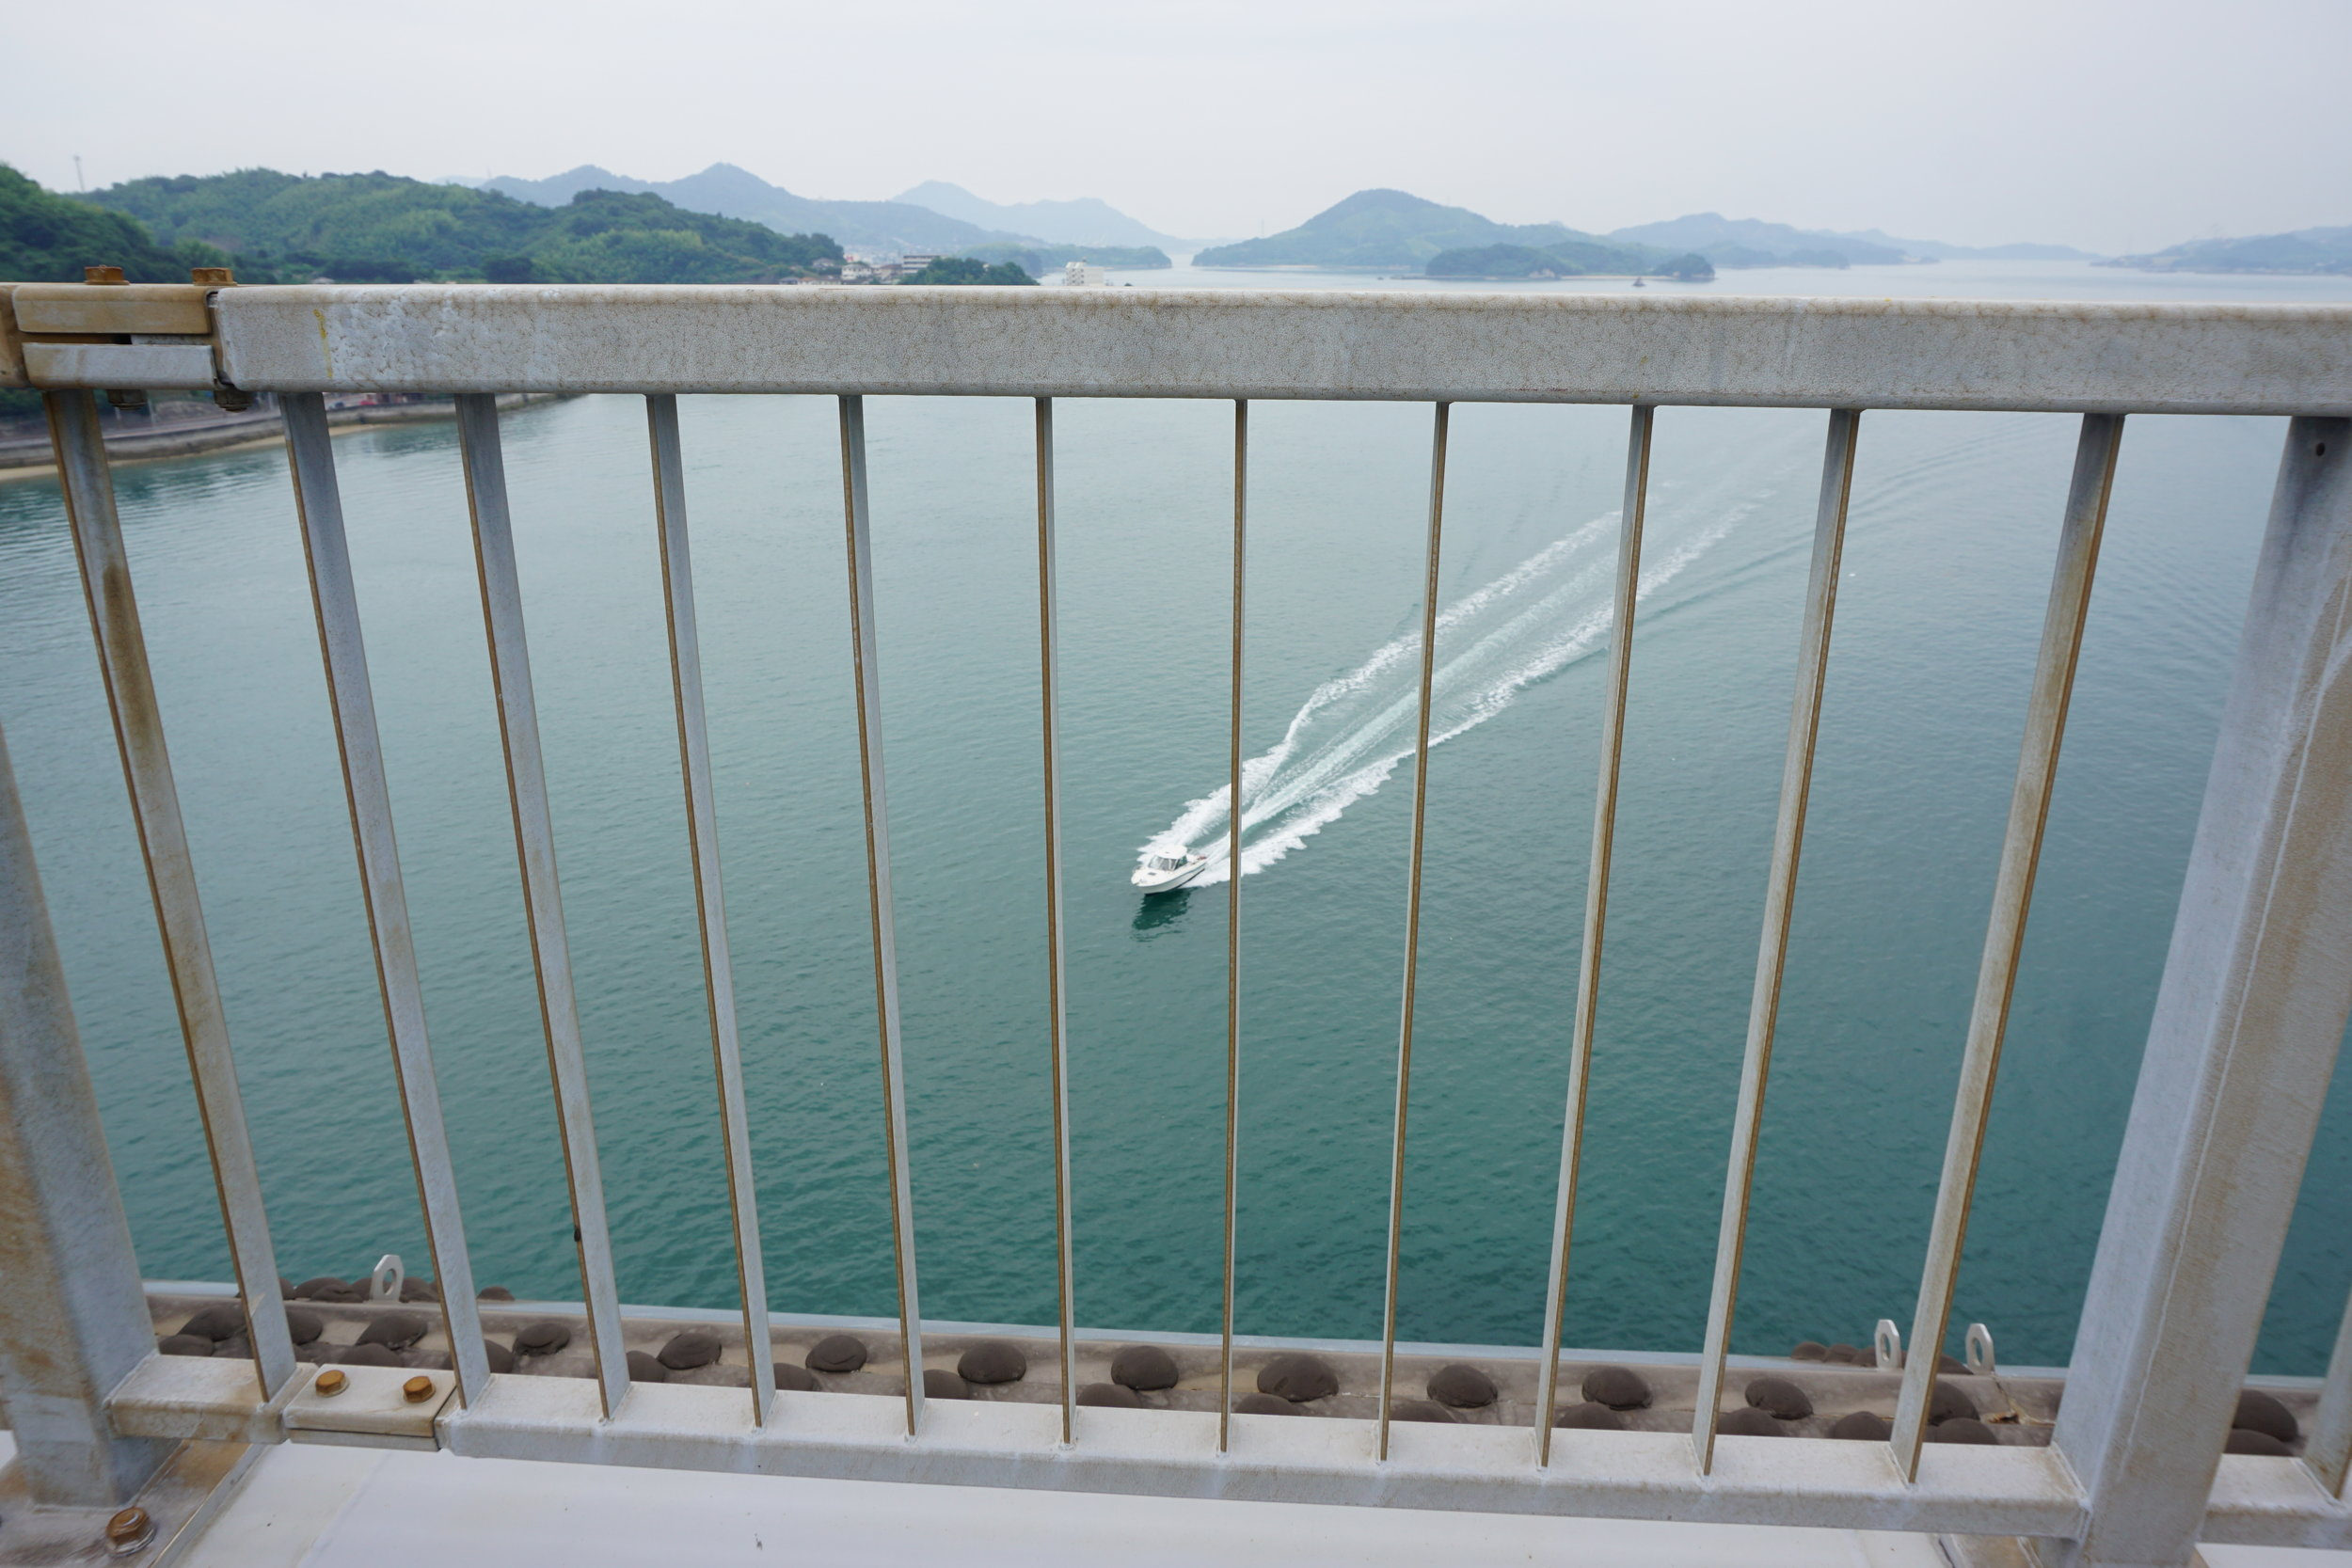 Ships_Shimanmai Kaido